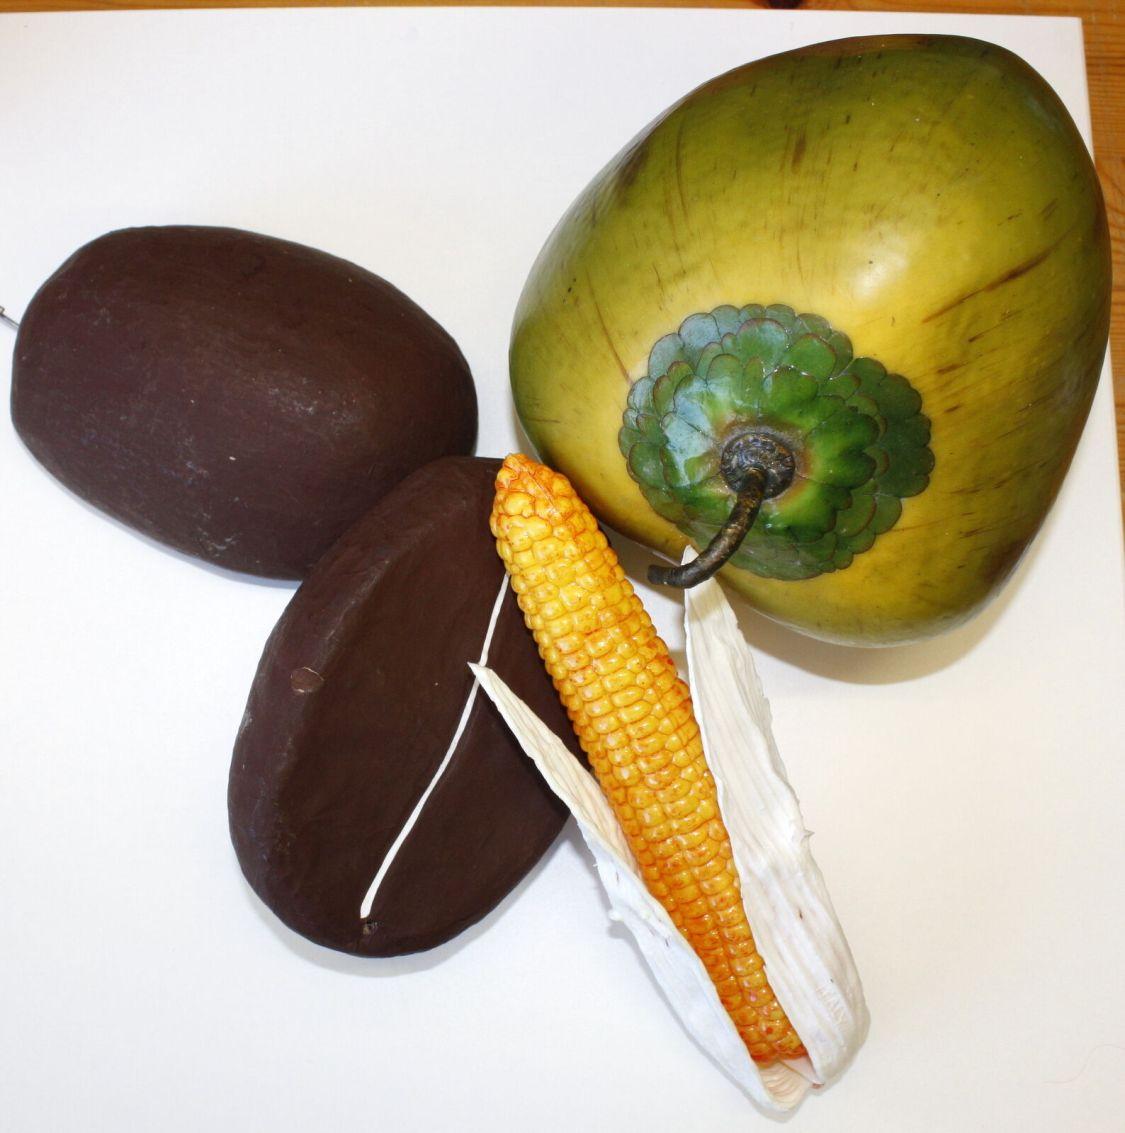 Deko-Obst Kunstgemüse Mais Kokosnuss Kaffeebohnen riesengroß  Dekoration  Z